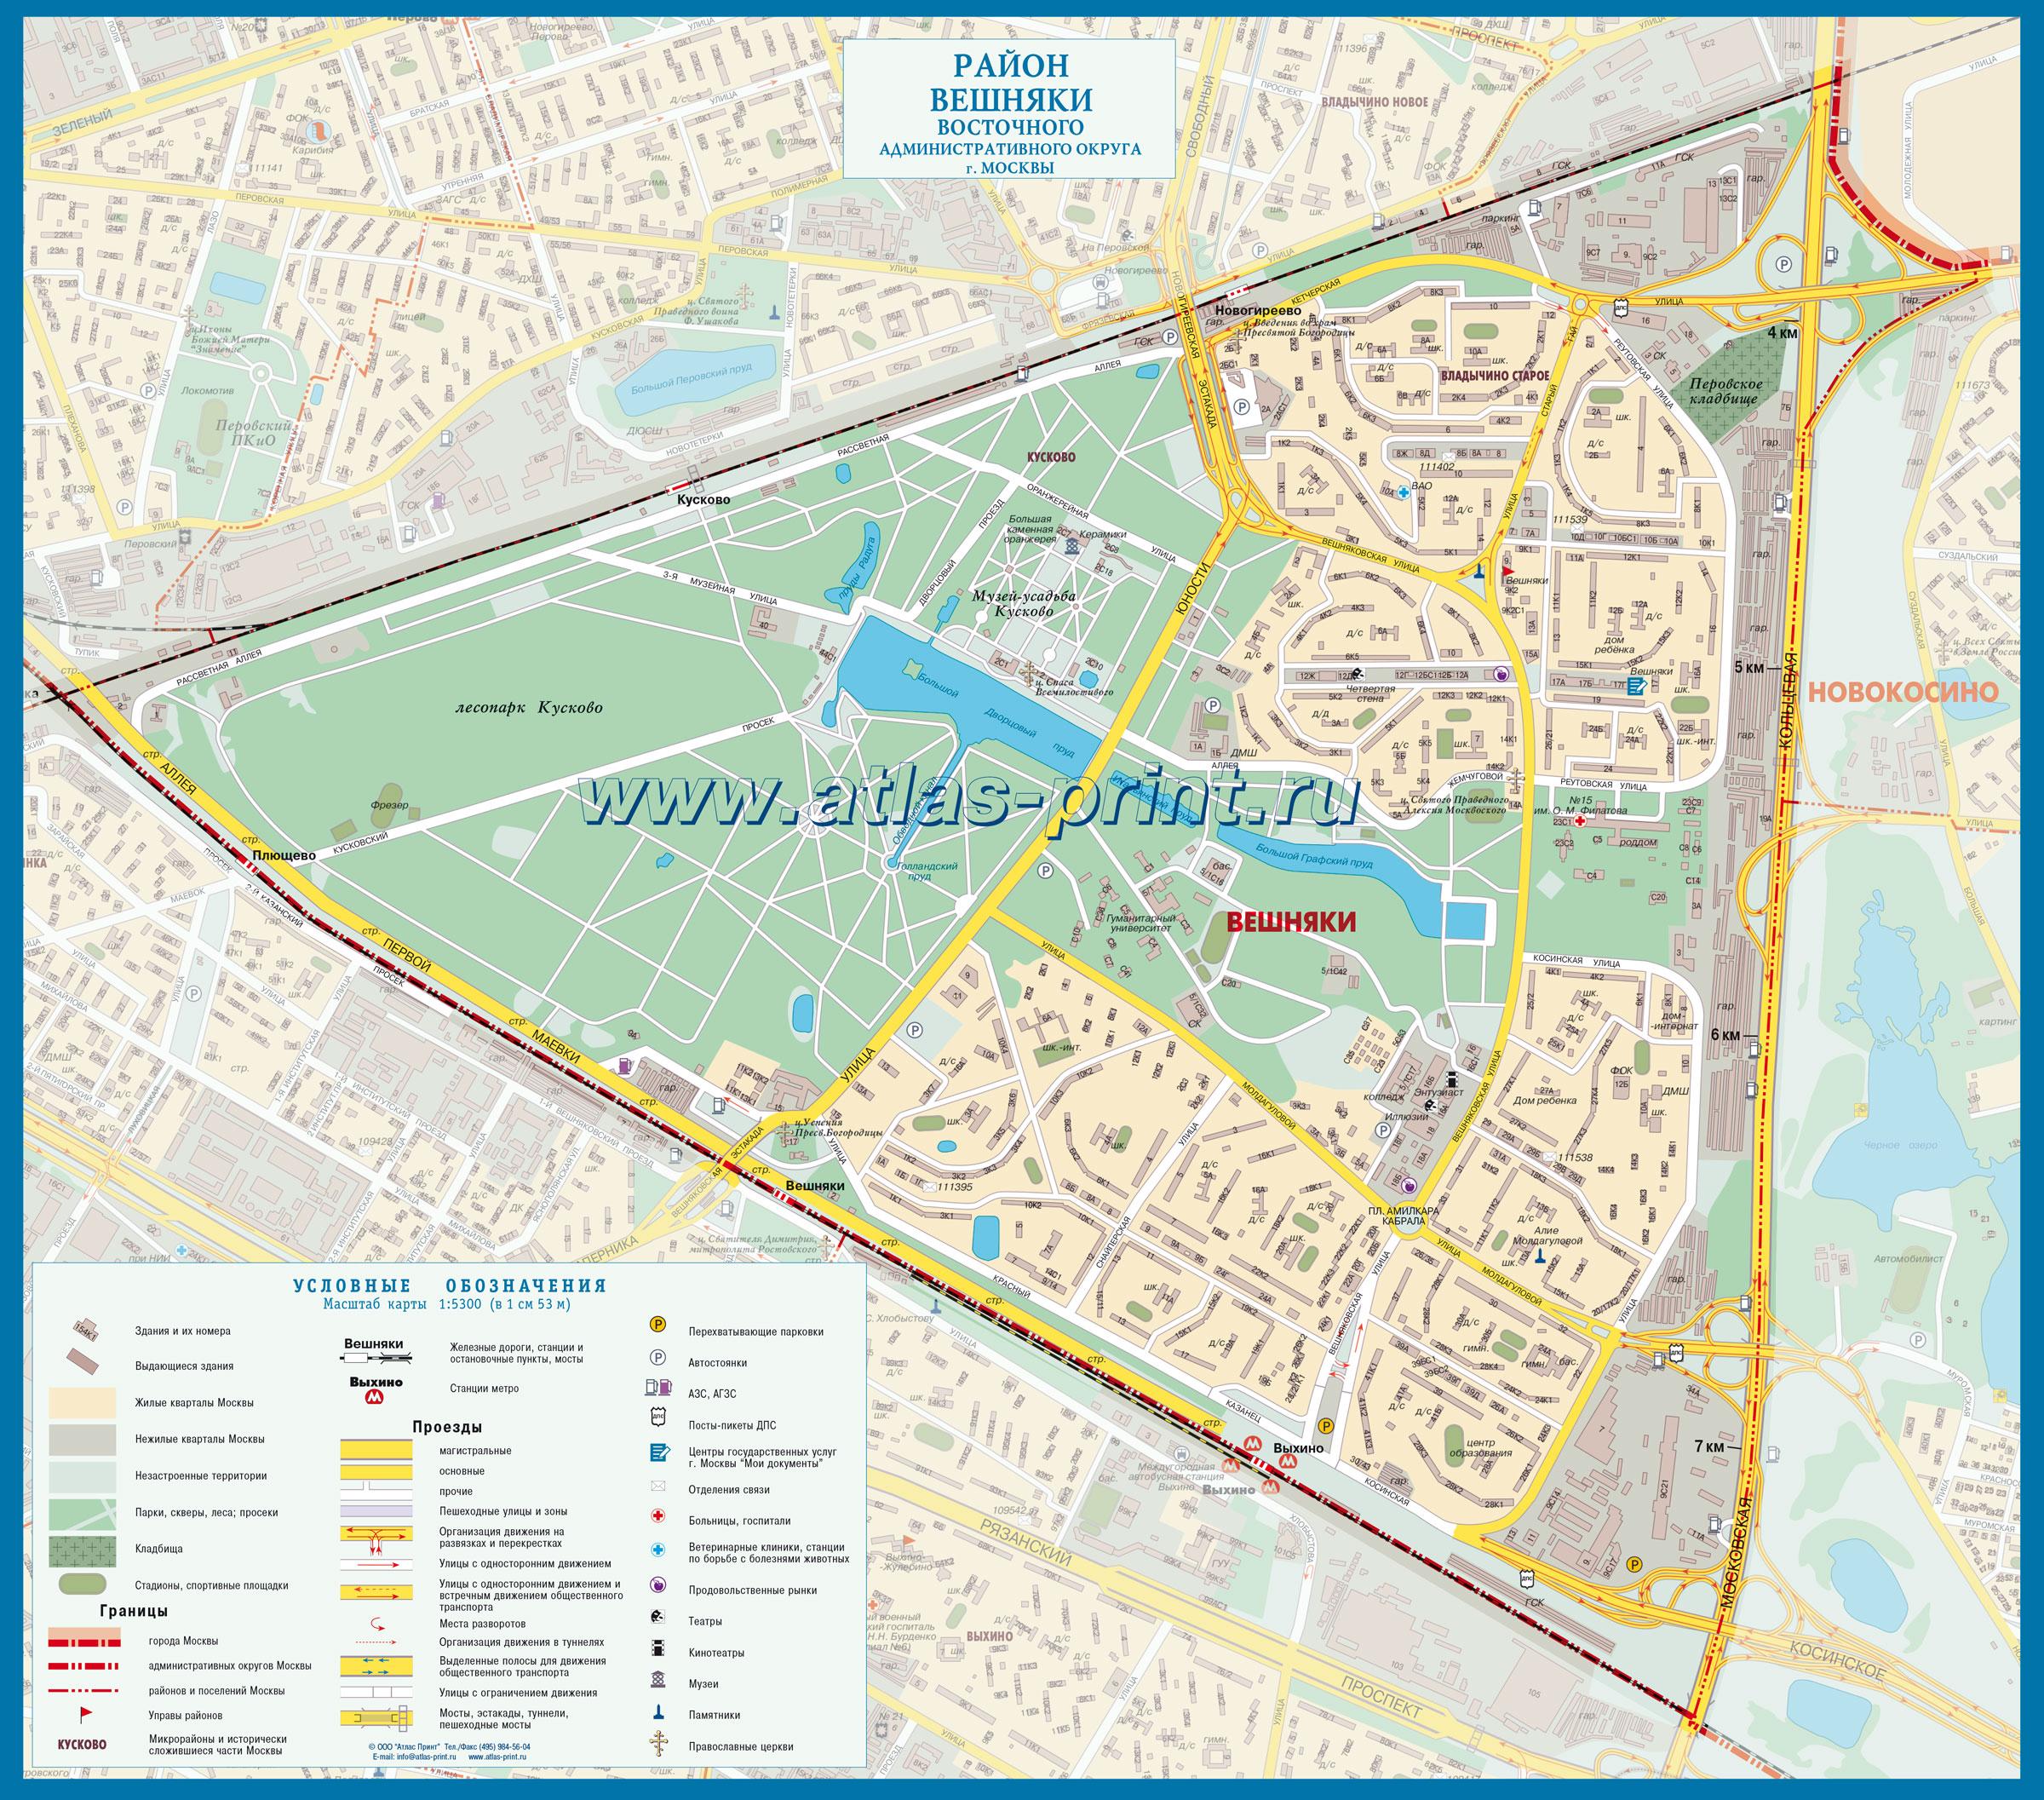 Настенная карта района ВЕШНЯКИ (Восточный административный округ г. Москвы) 1,00*0,88м, ламинированная